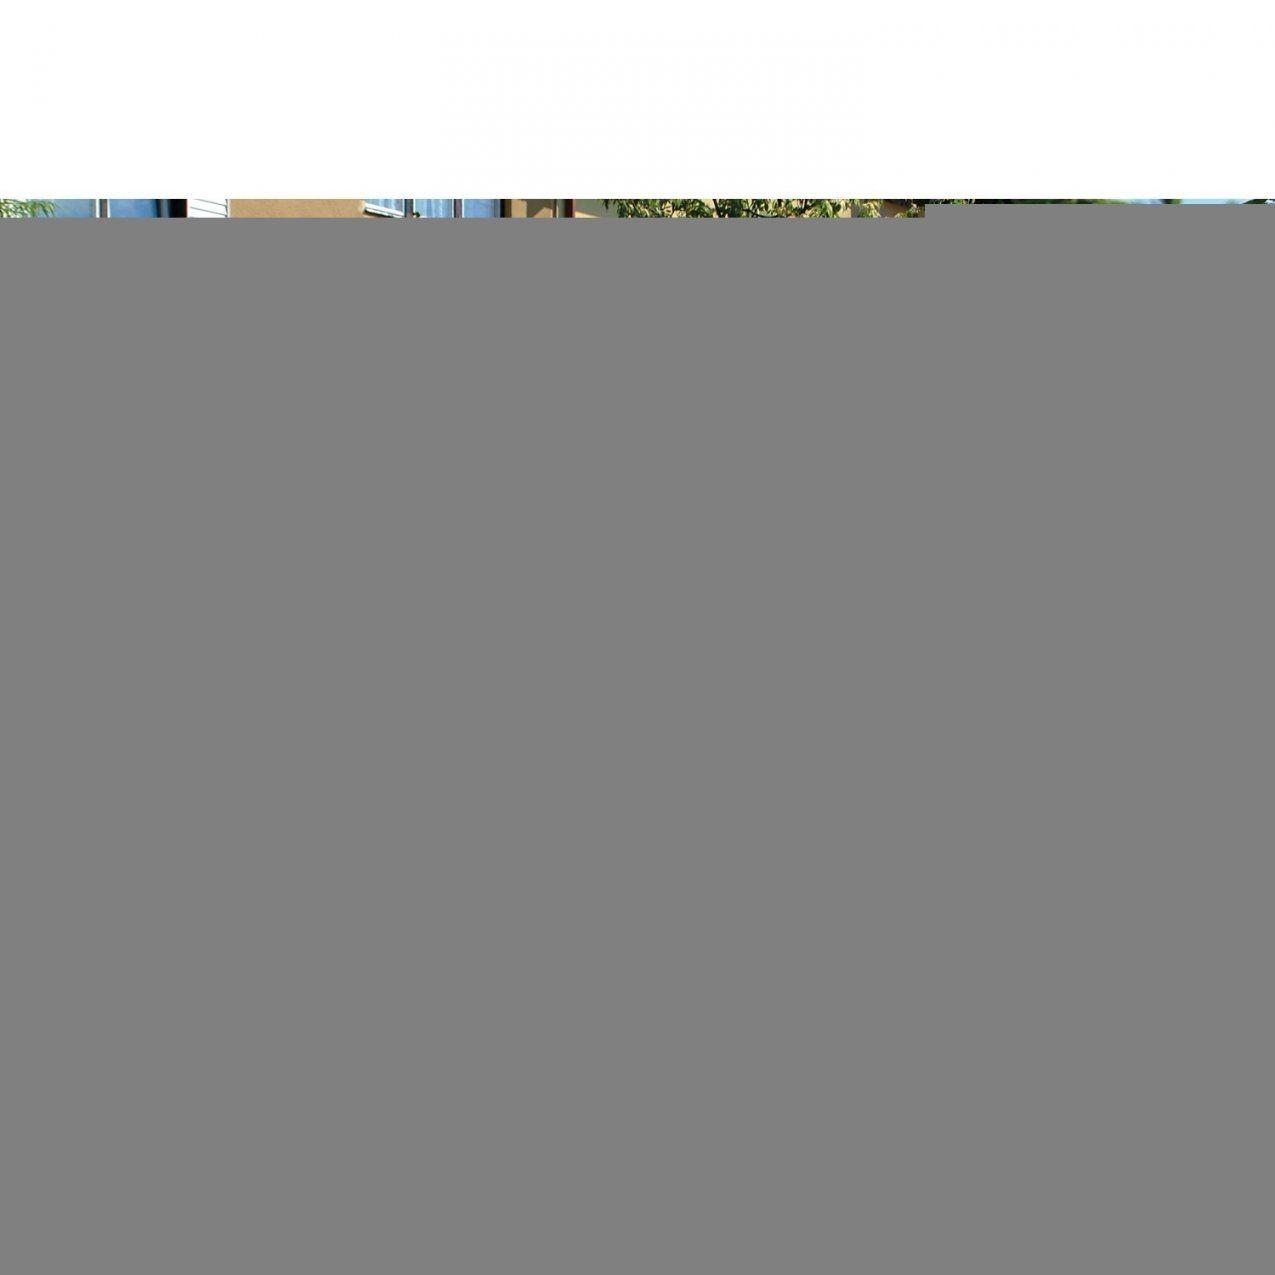 Staketenzaun Gerade Druckimprägniert 180 Cm X 80 Cm Kaufen Bei Obi von Staketenzaun Tor Selber Bauen Photo